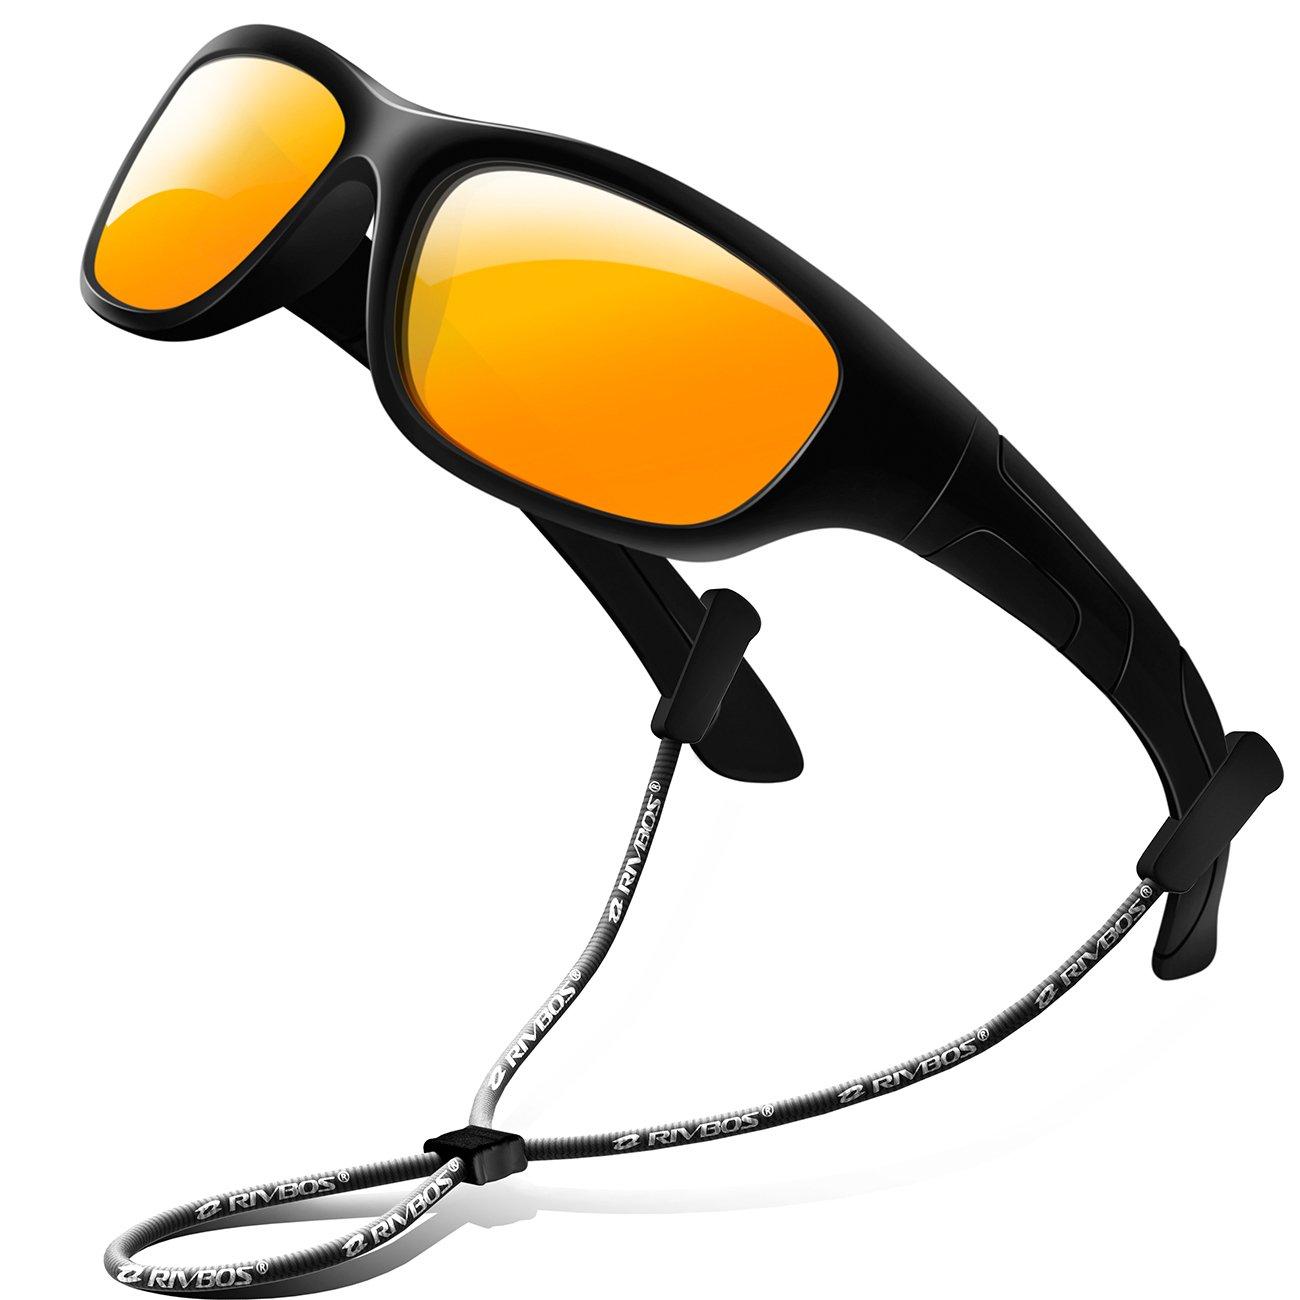 RIVBOS Rubber Kids Polarized Sunglasses for Boys Girls Children Age 3-10 RBK025-2